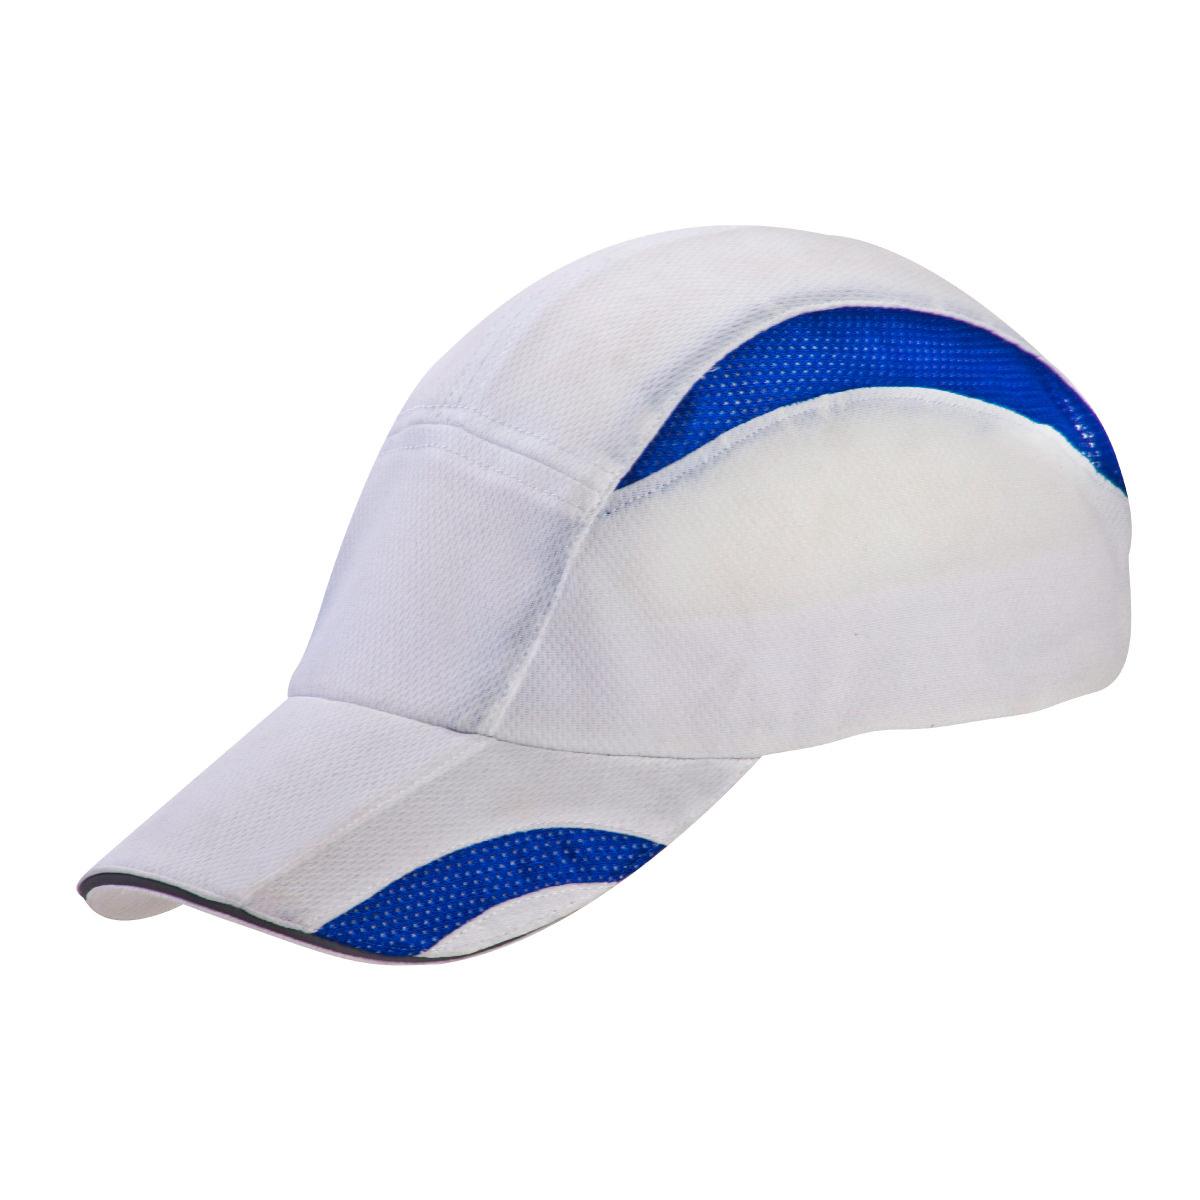 כובע מקצועי לתחרות - GO